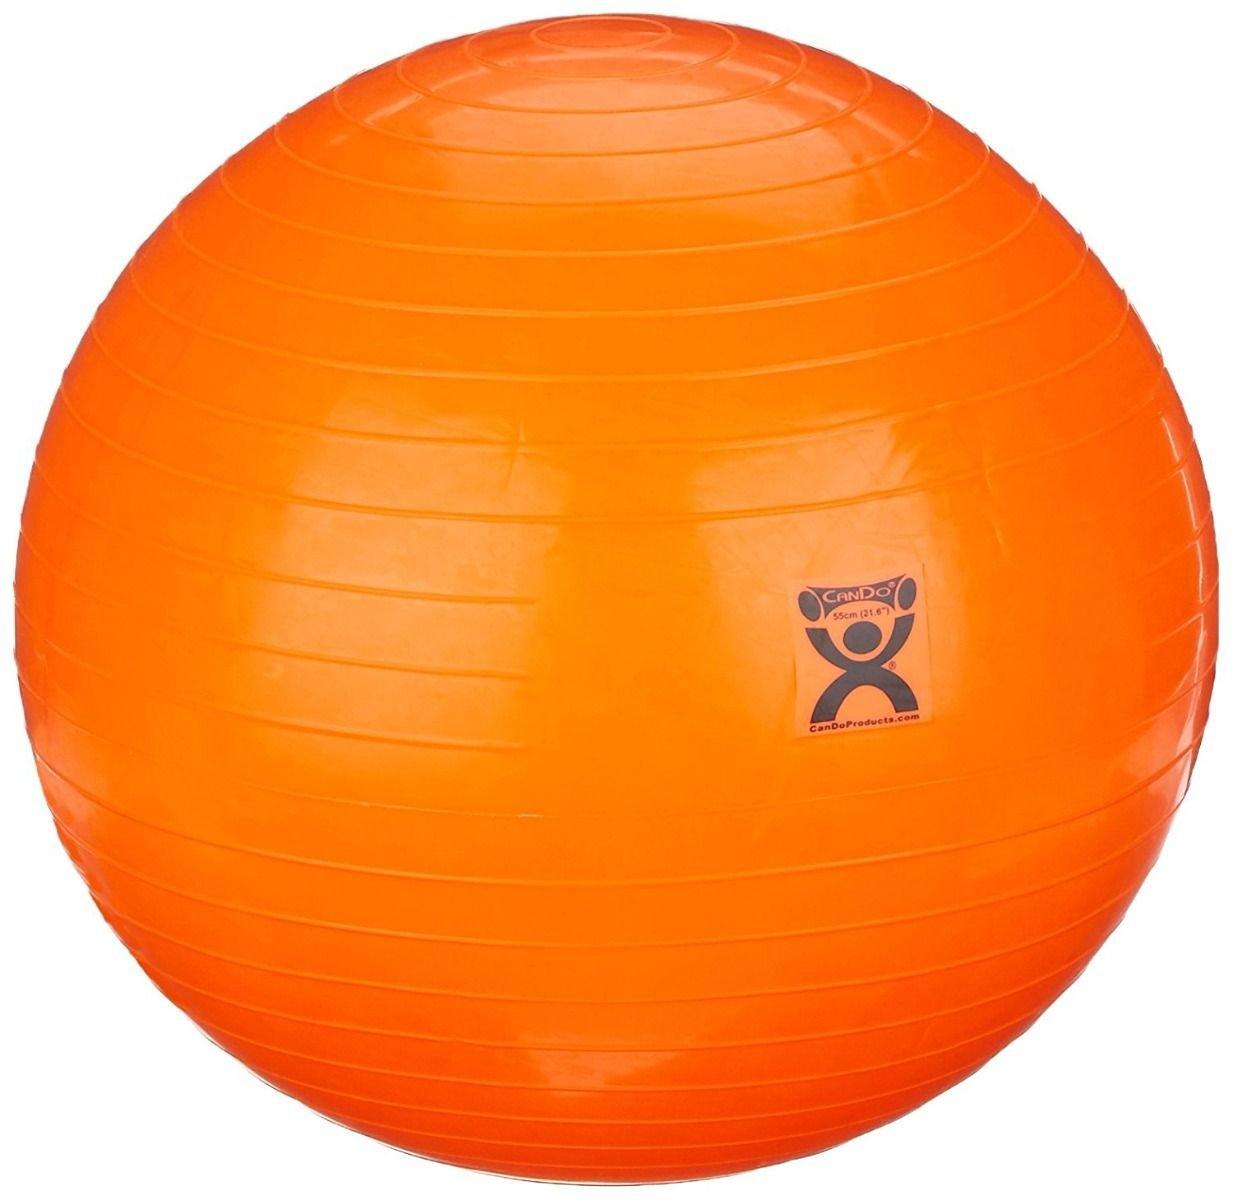 San Jose Mail order Mall Rolyan Energizing Exercising Balls Orange 2